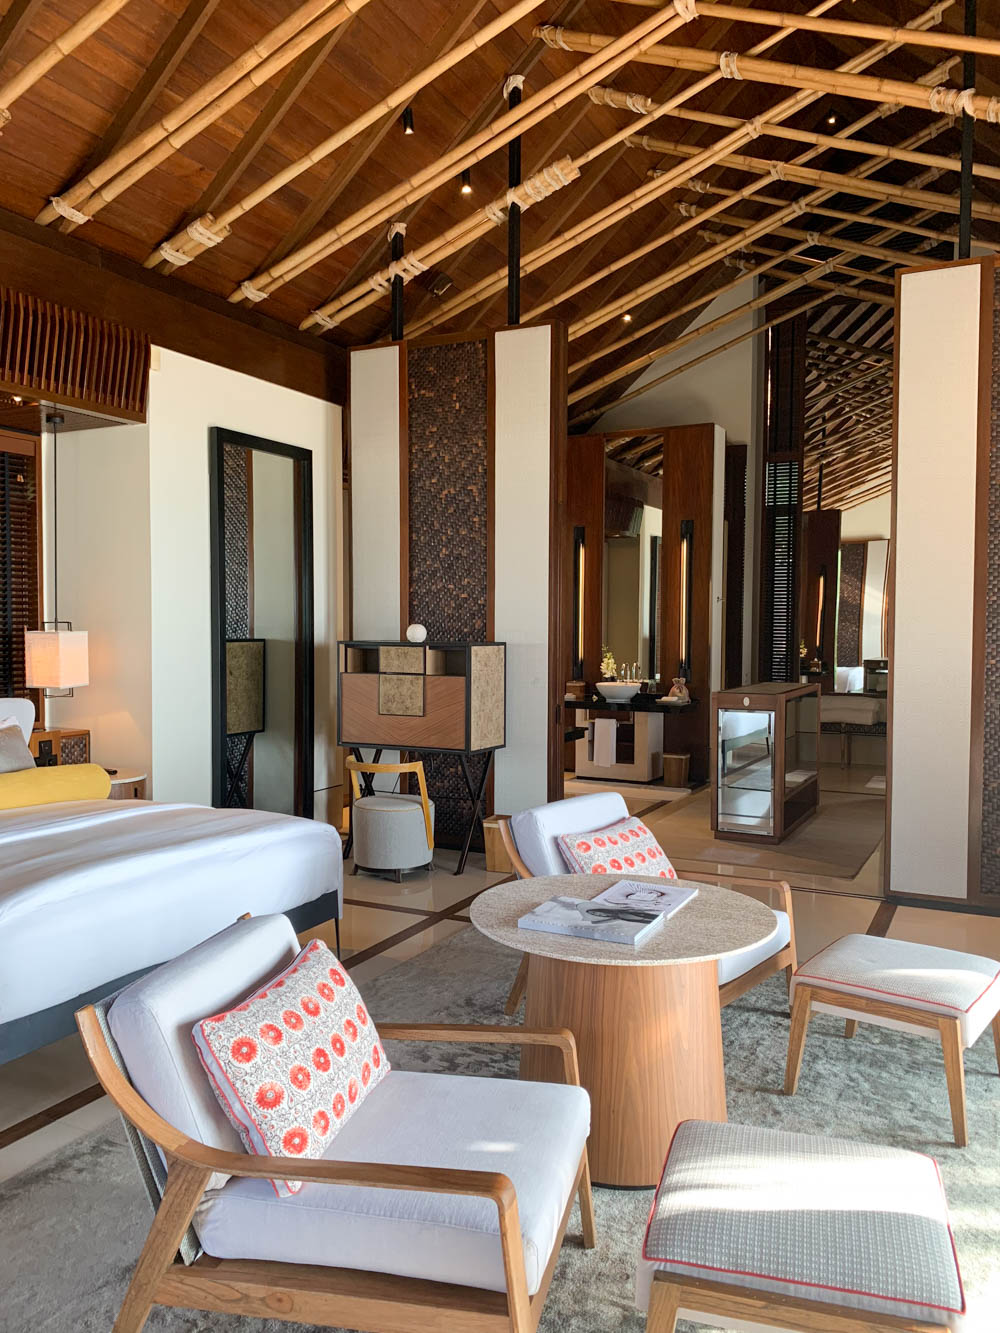 Maldives_Resort_Honeymoon_OneandOnly_MaldivesTravelAdvisor-11.jpg